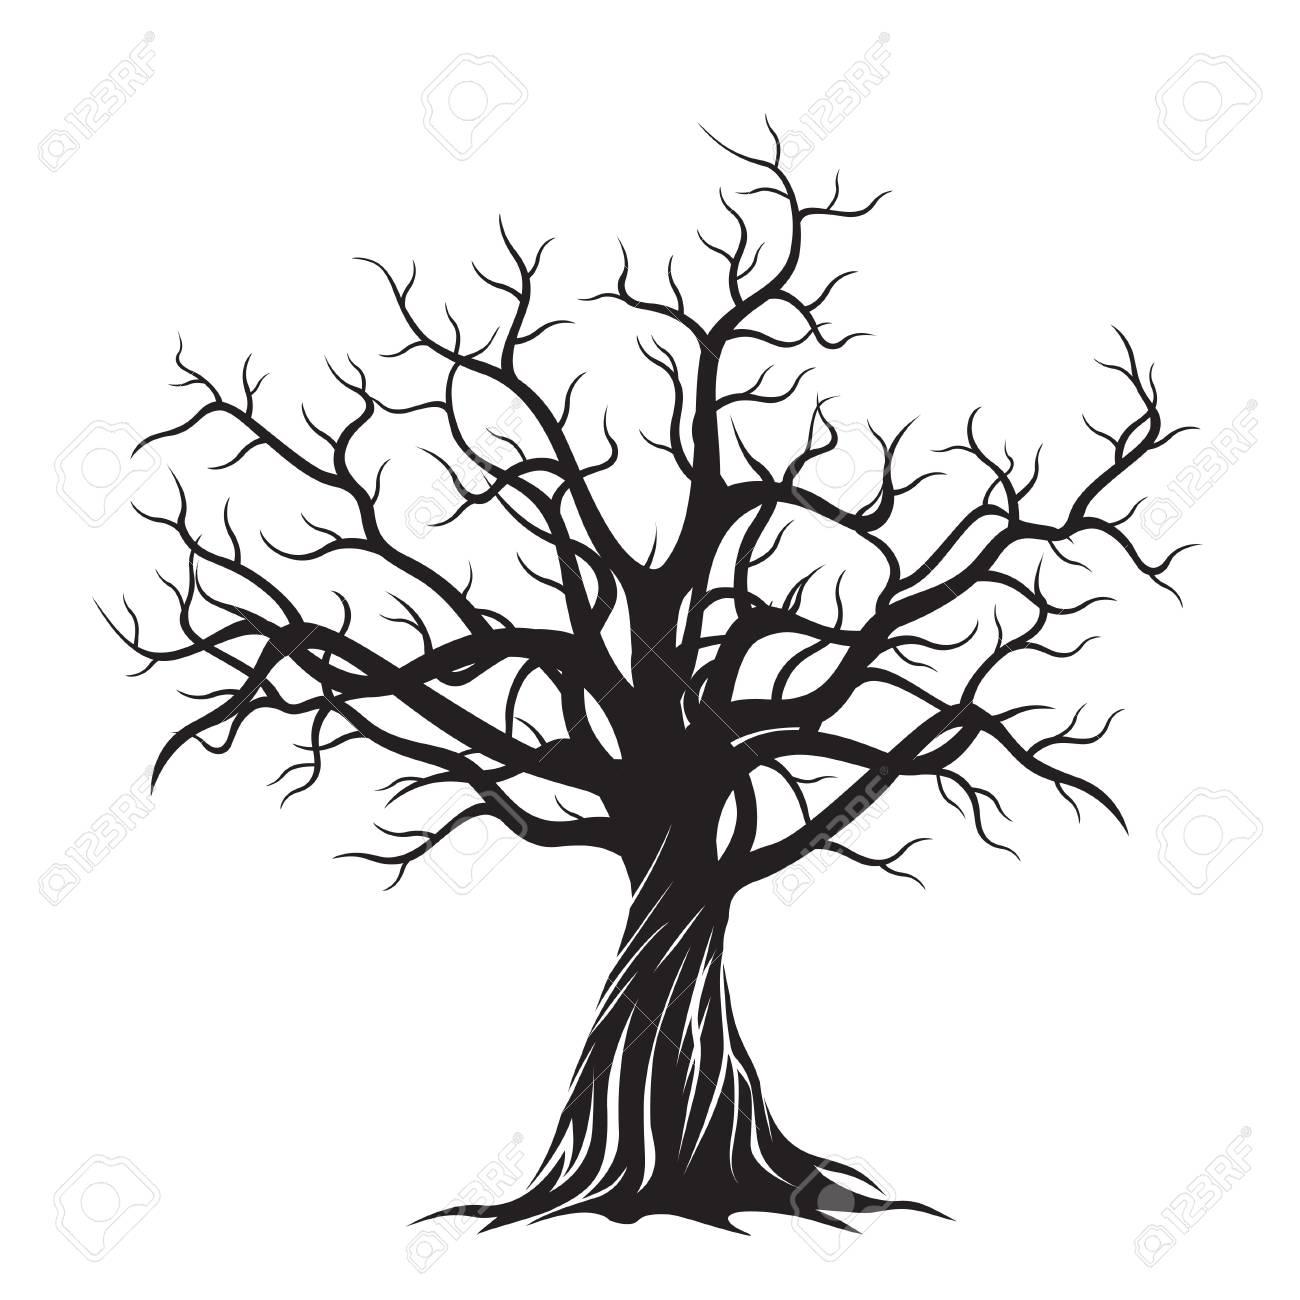 Black Tree. Vector Illustration. - 51894518